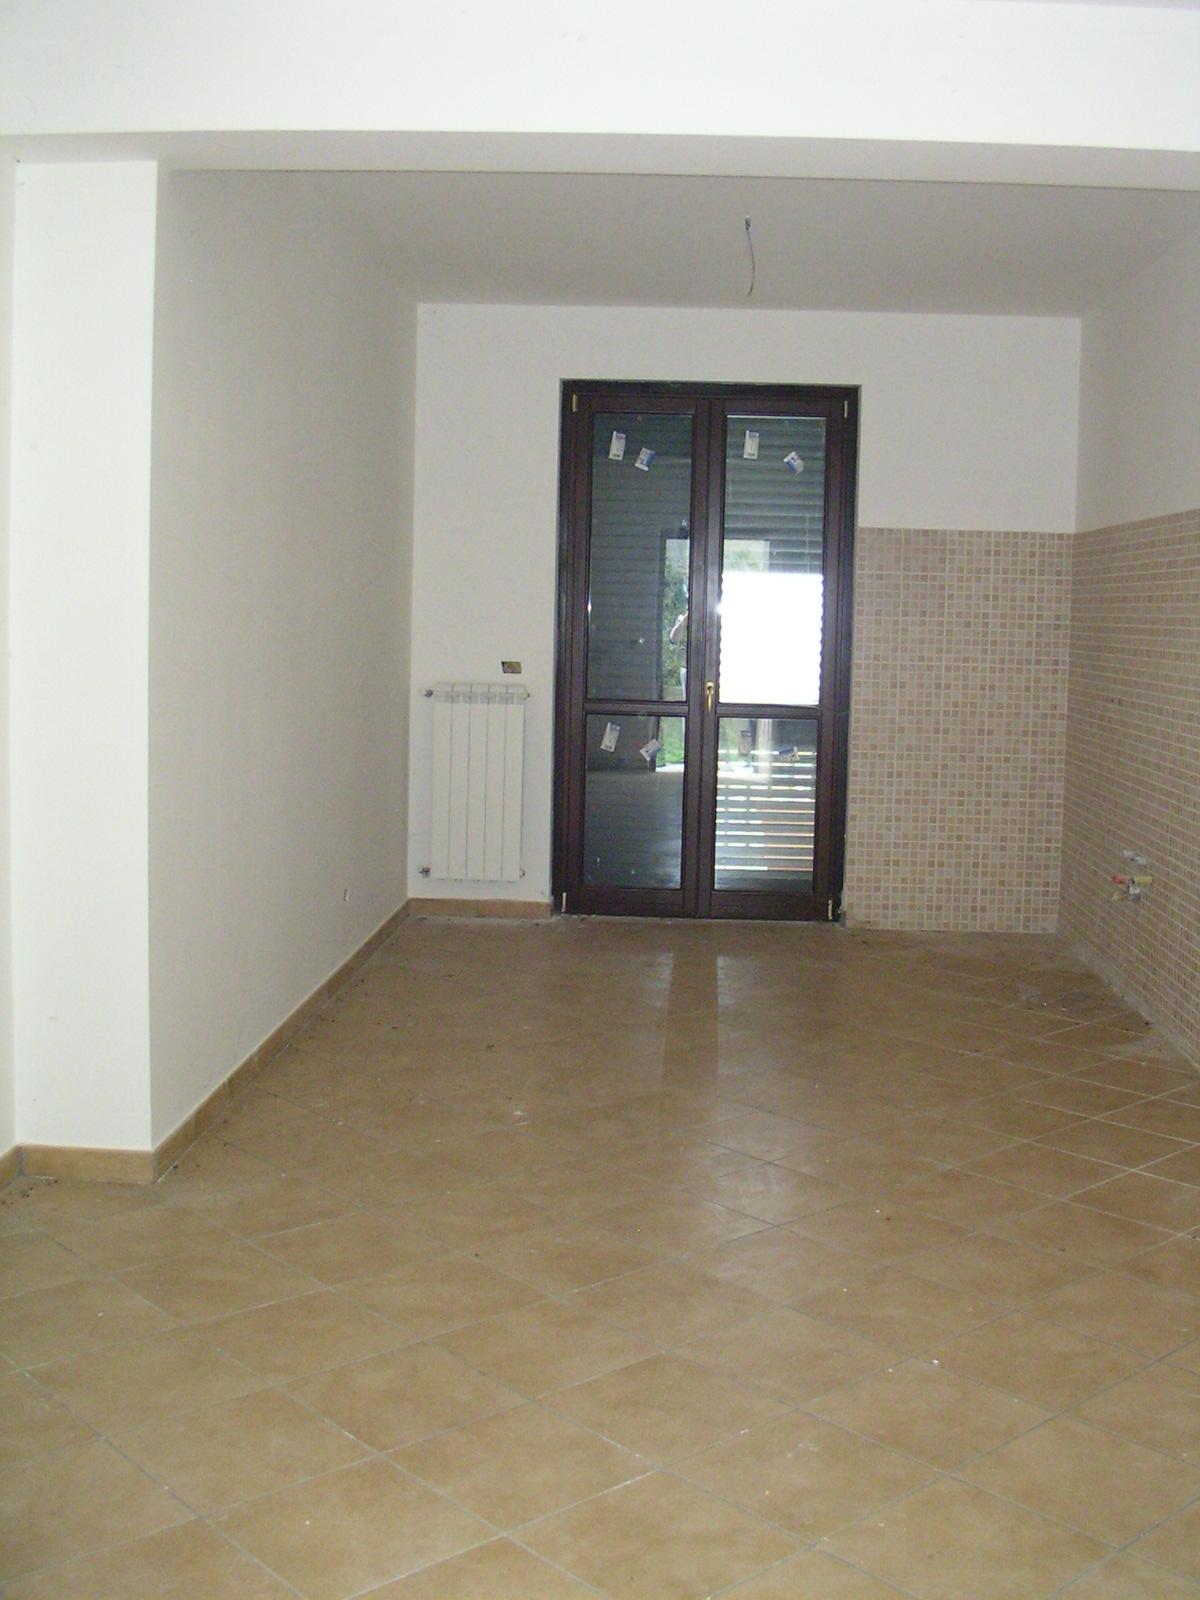 Appartamento vendita CHIUSANO DI SAN DOMENICO (AV) - 1 LOCALE - 66 MQ - foto 2